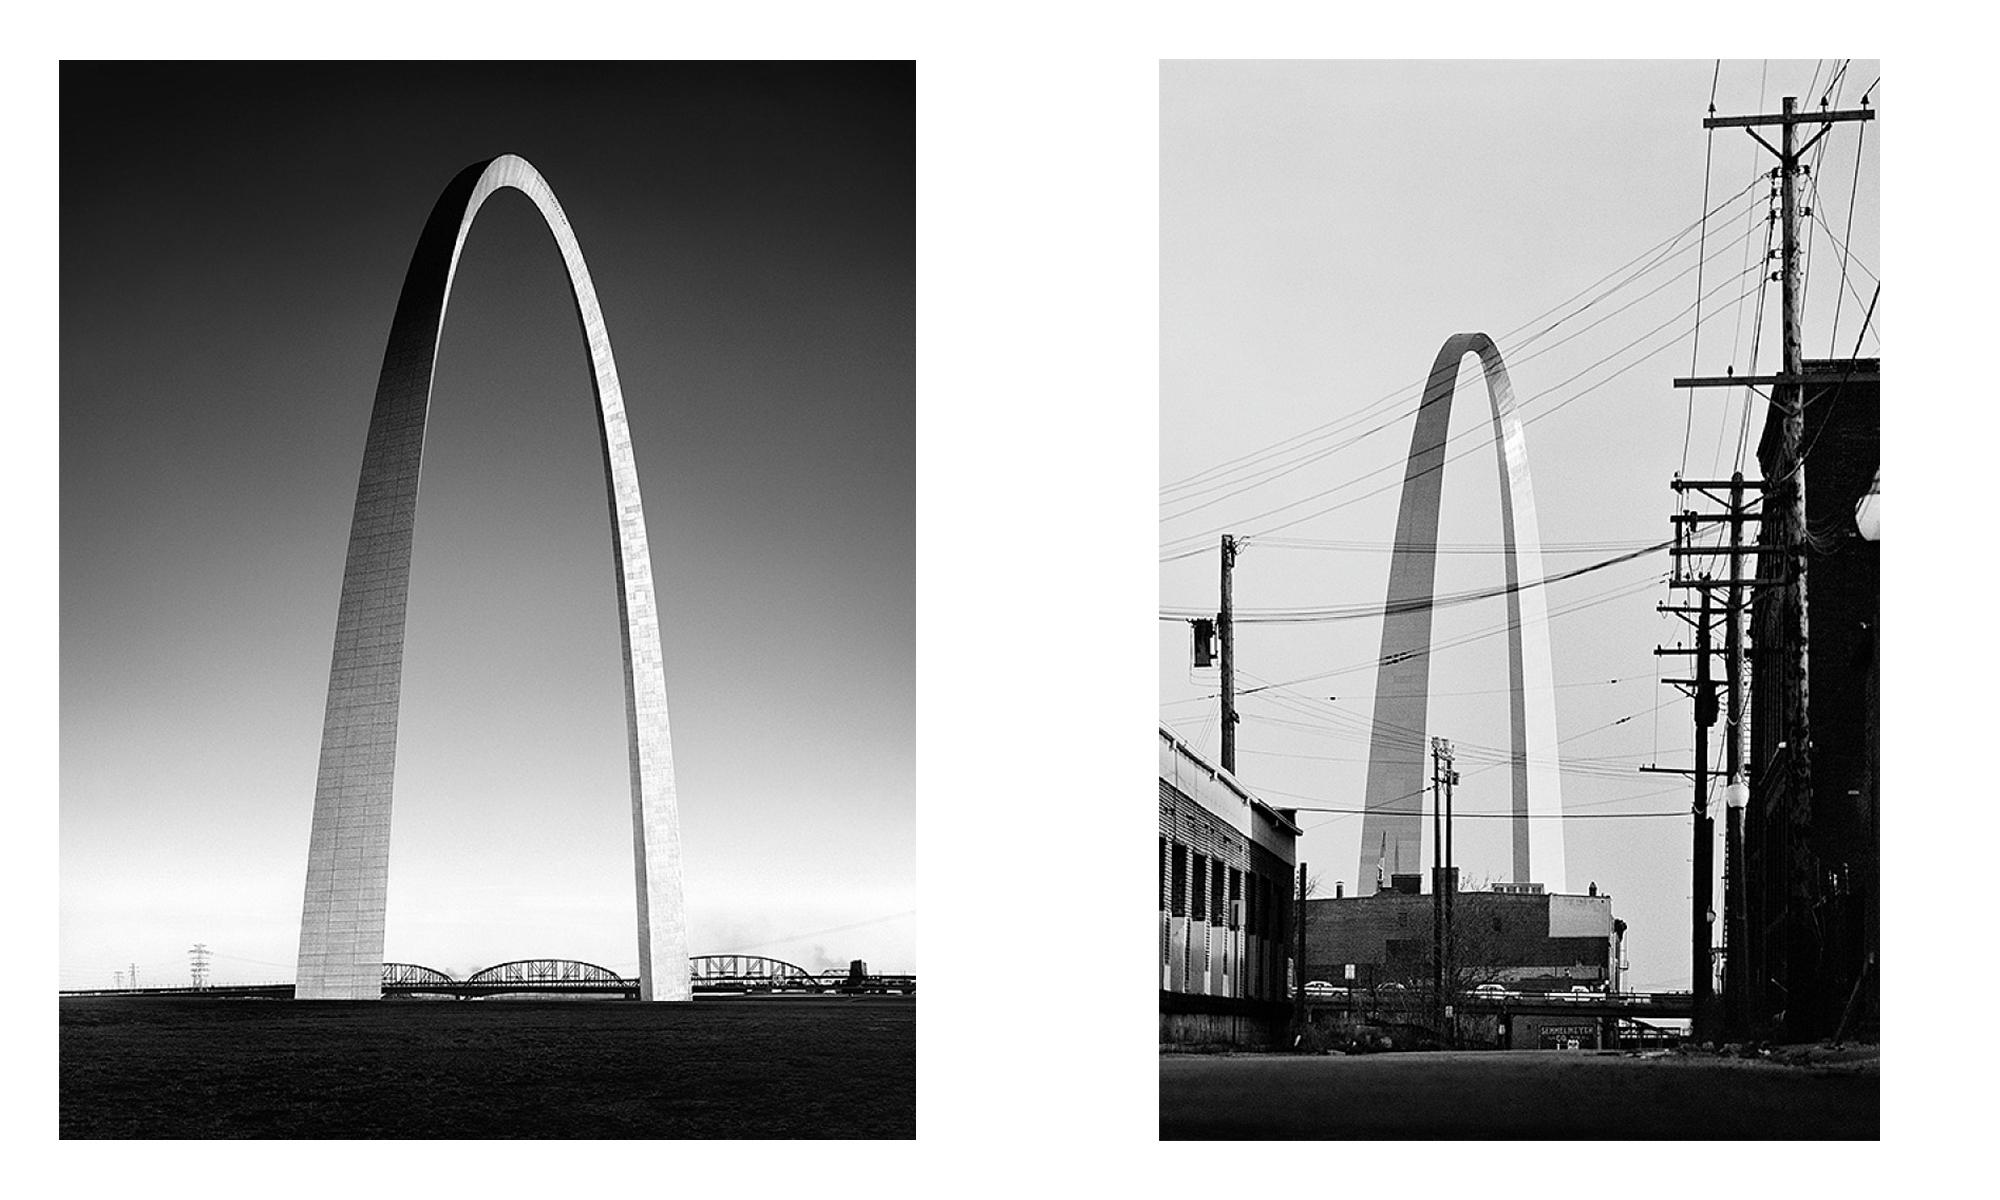 Gegenüberstellung von zwei ähnlichen Fotos von einem amerikanischen Monument in Bogenform: einmal sehr aufgeräumt und einmal mit zahlreichen anderen Gebäuden und Stromleitungen